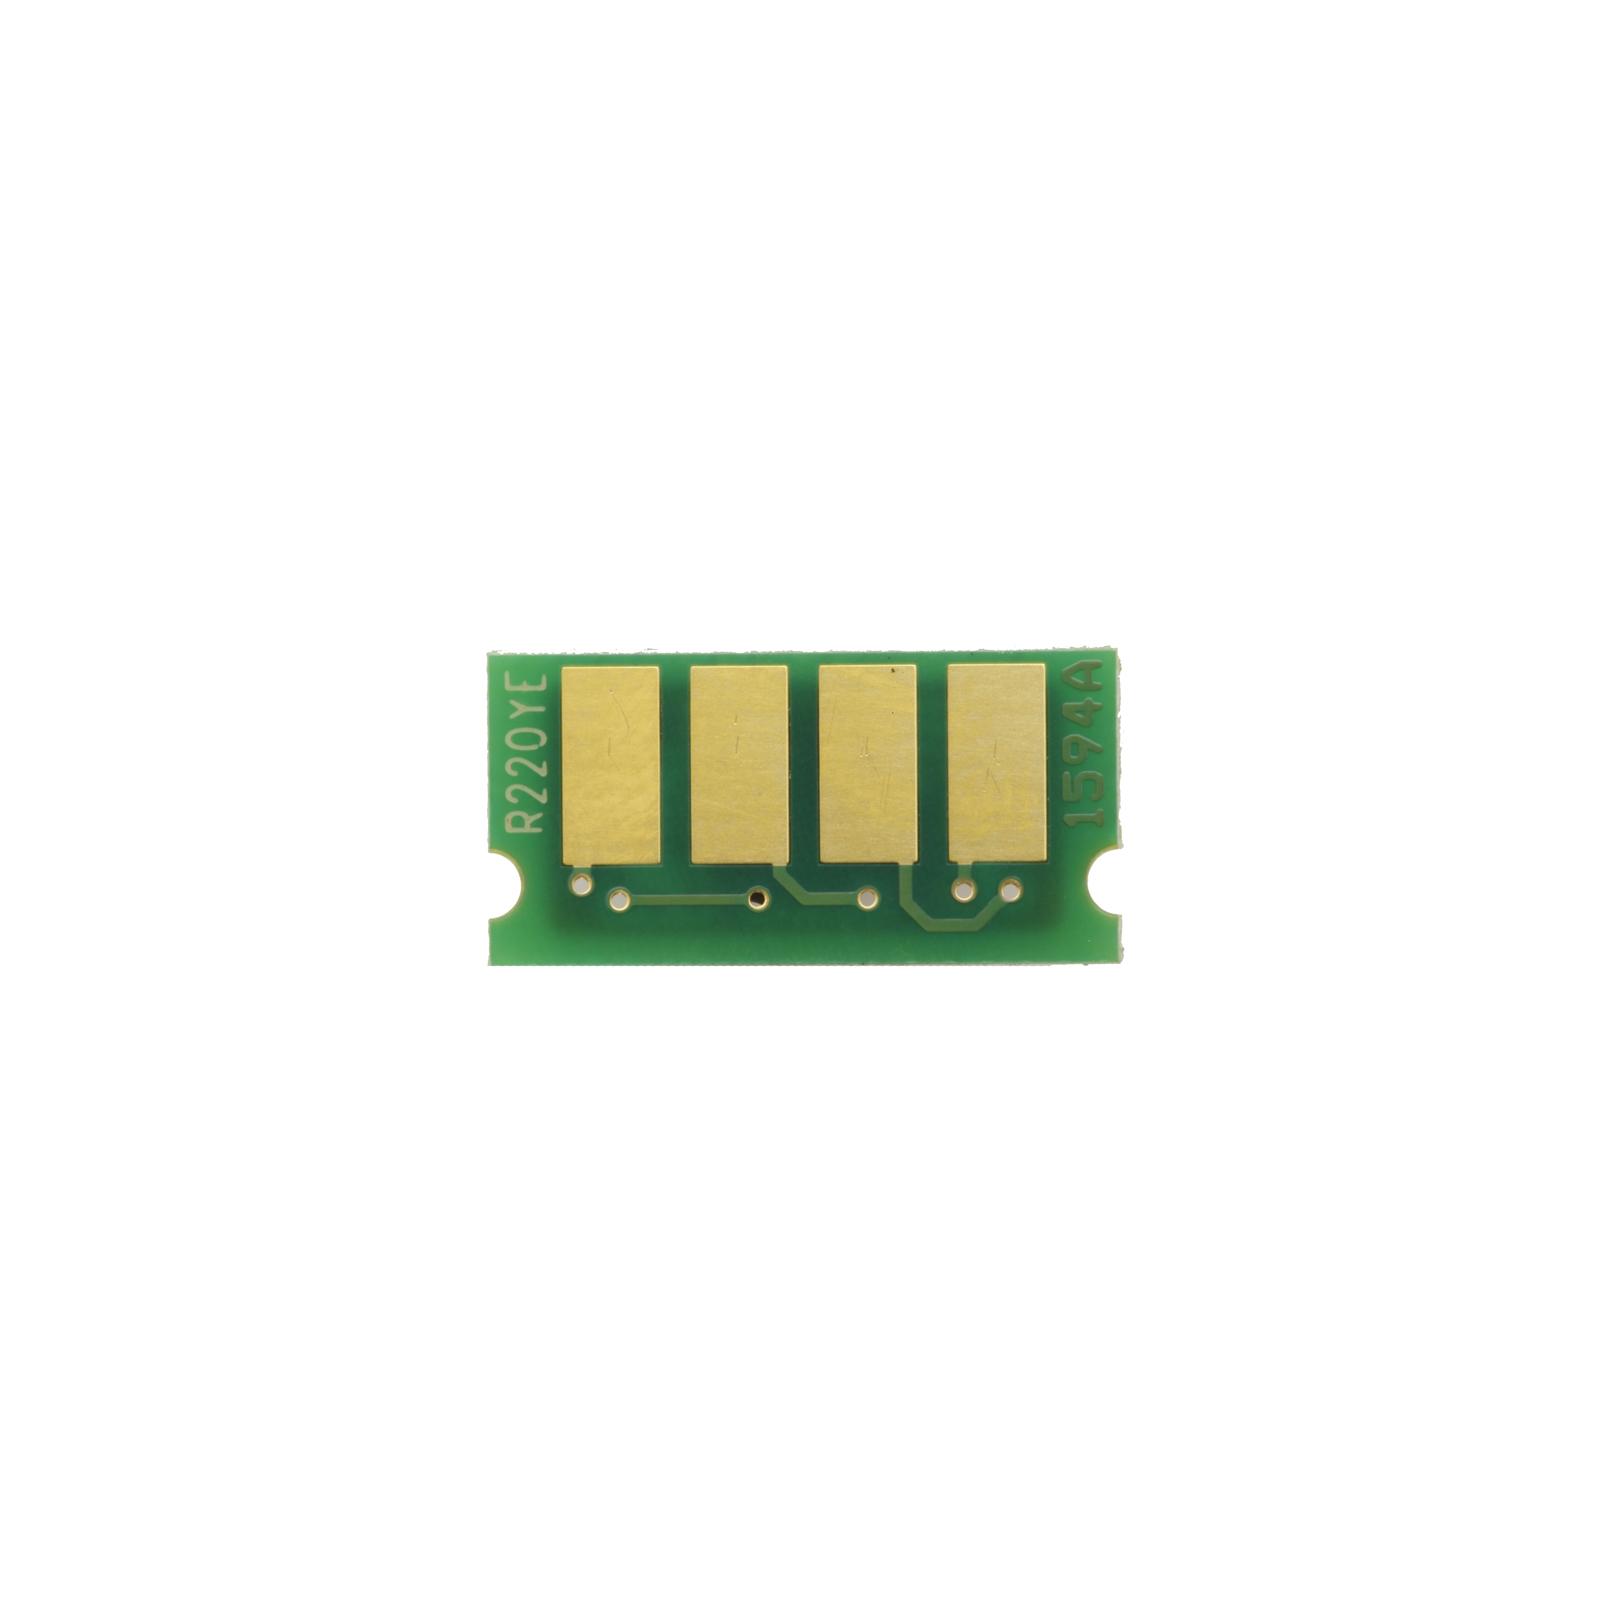 Чип для картриджа Ricoh Aficio SP C220 (406055) 2k yellow Static Control (RC220CP-YEU)